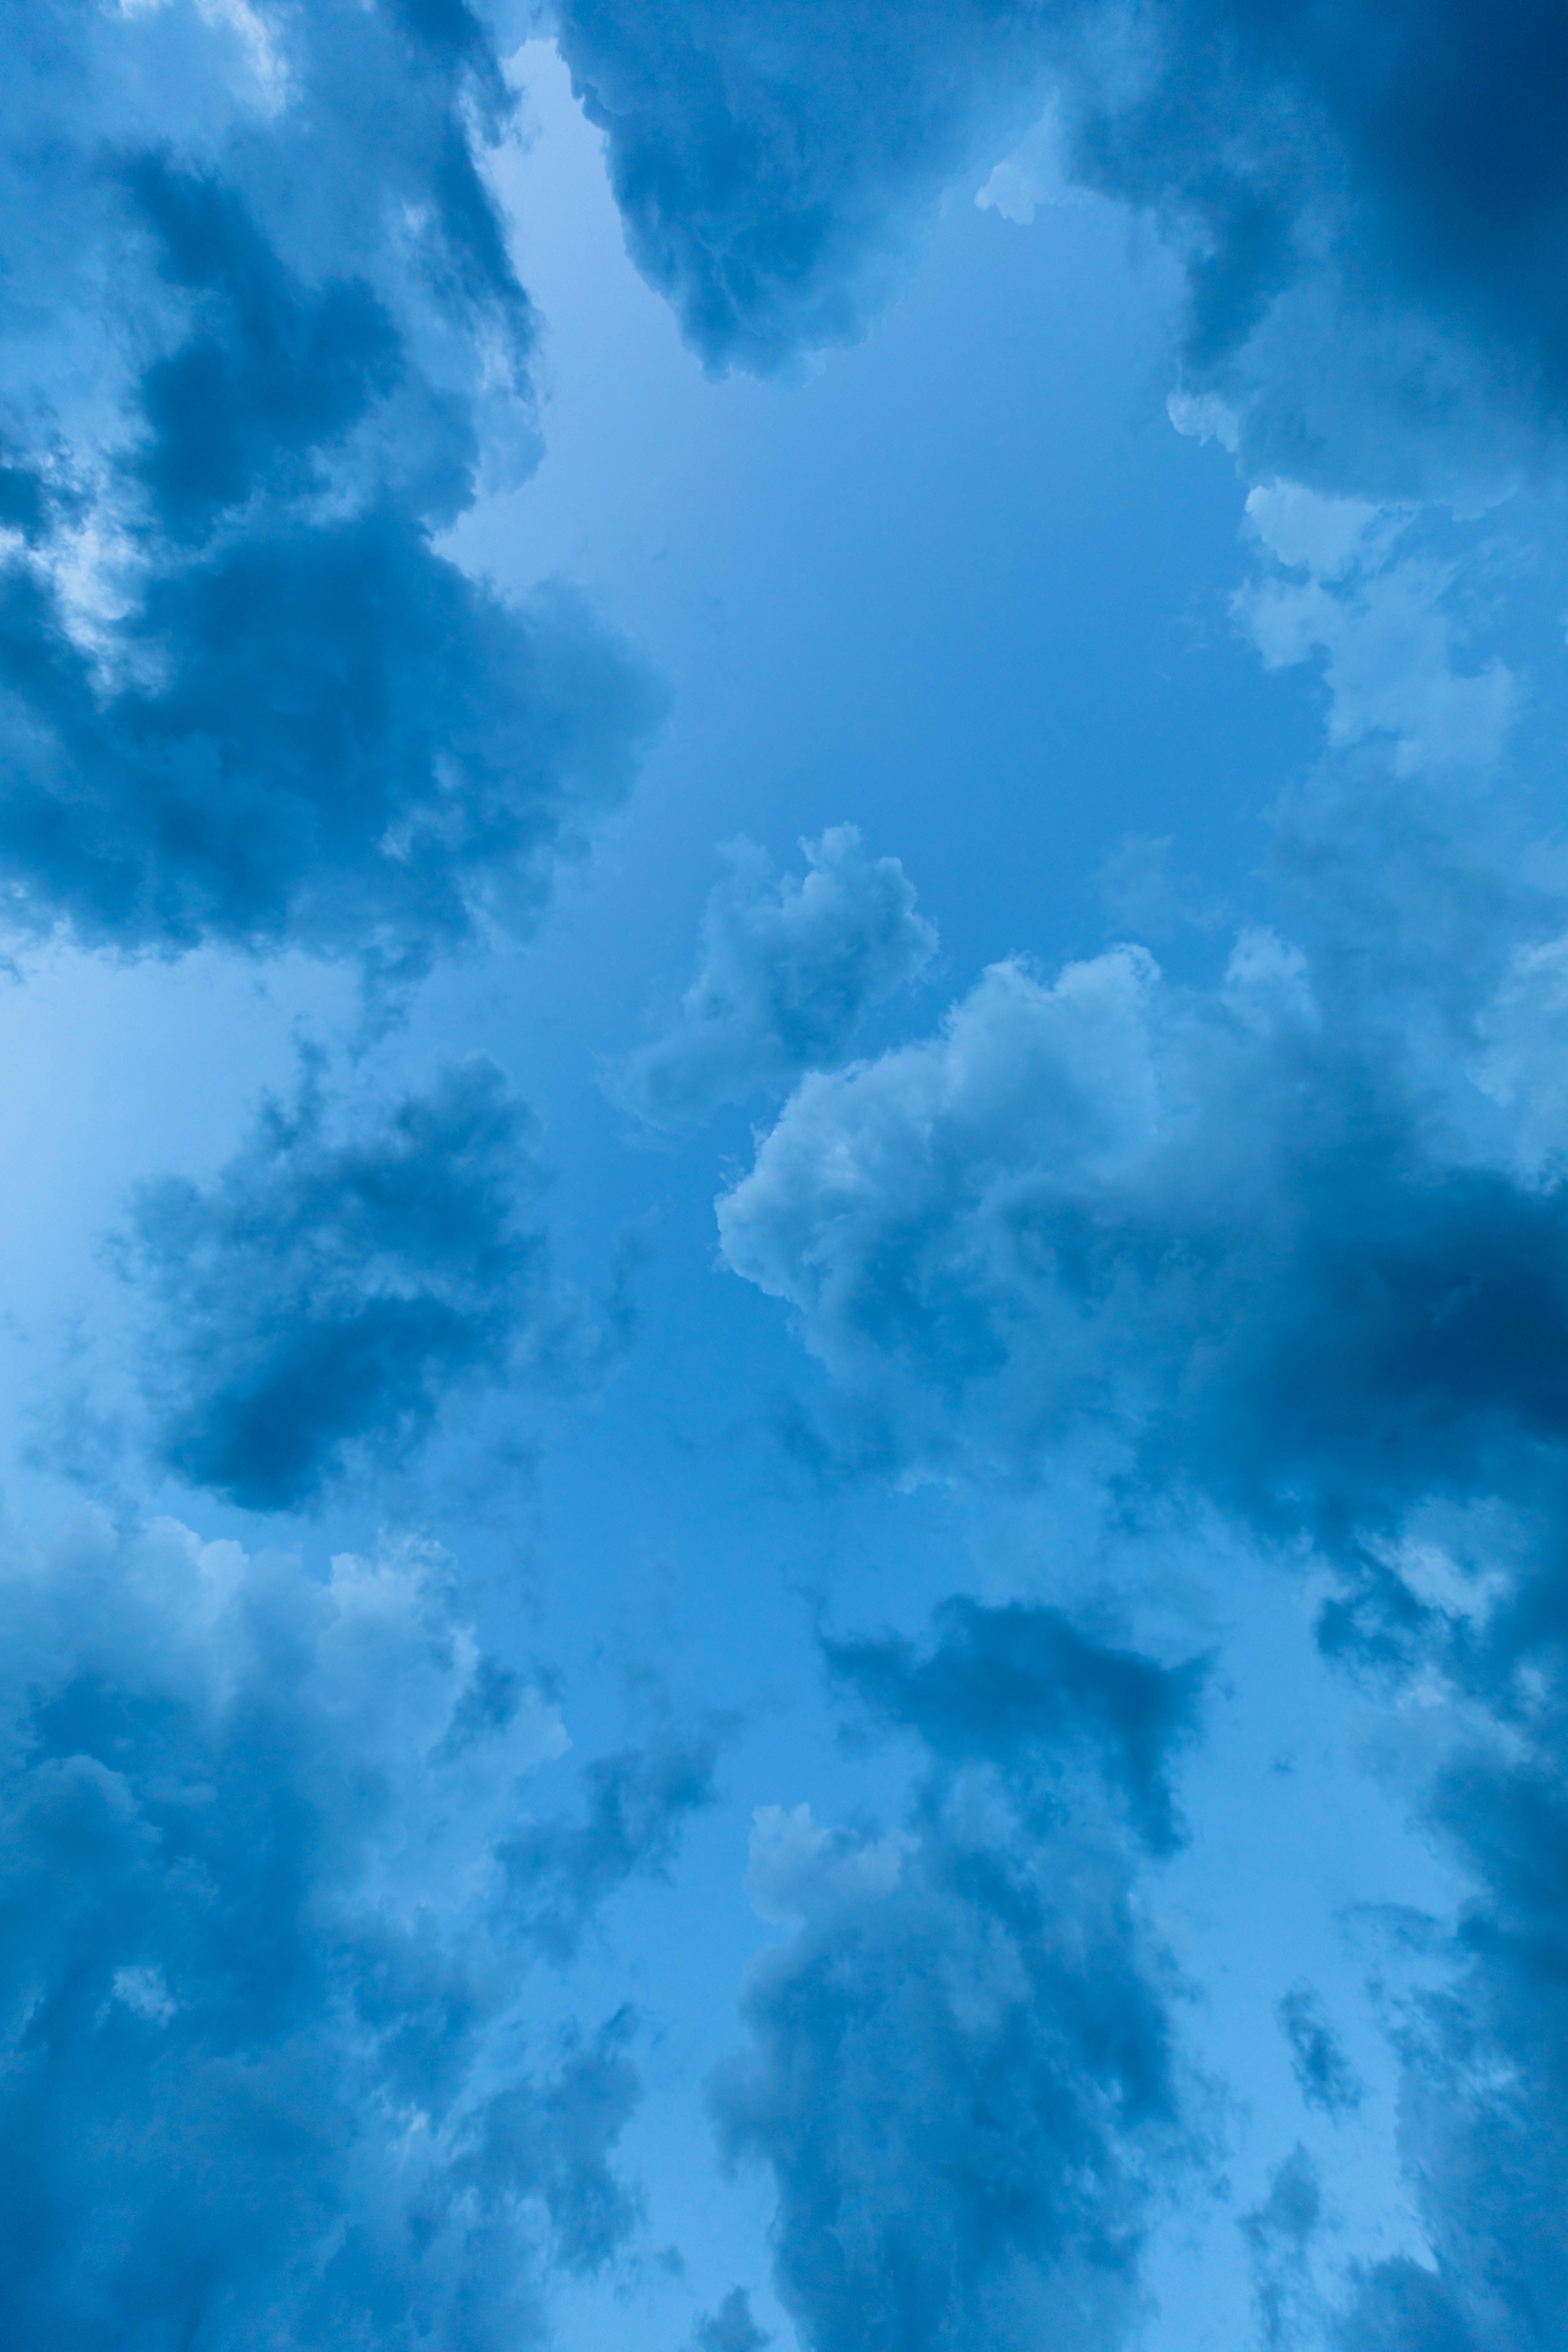 79433 Lade kostenlos Blau Hintergrundbilder für dein Handy herunter, Natur, Sky, Clouds, Höhe, Atmosphäre Blau Bilder und Bildschirmschoner für dein Handy